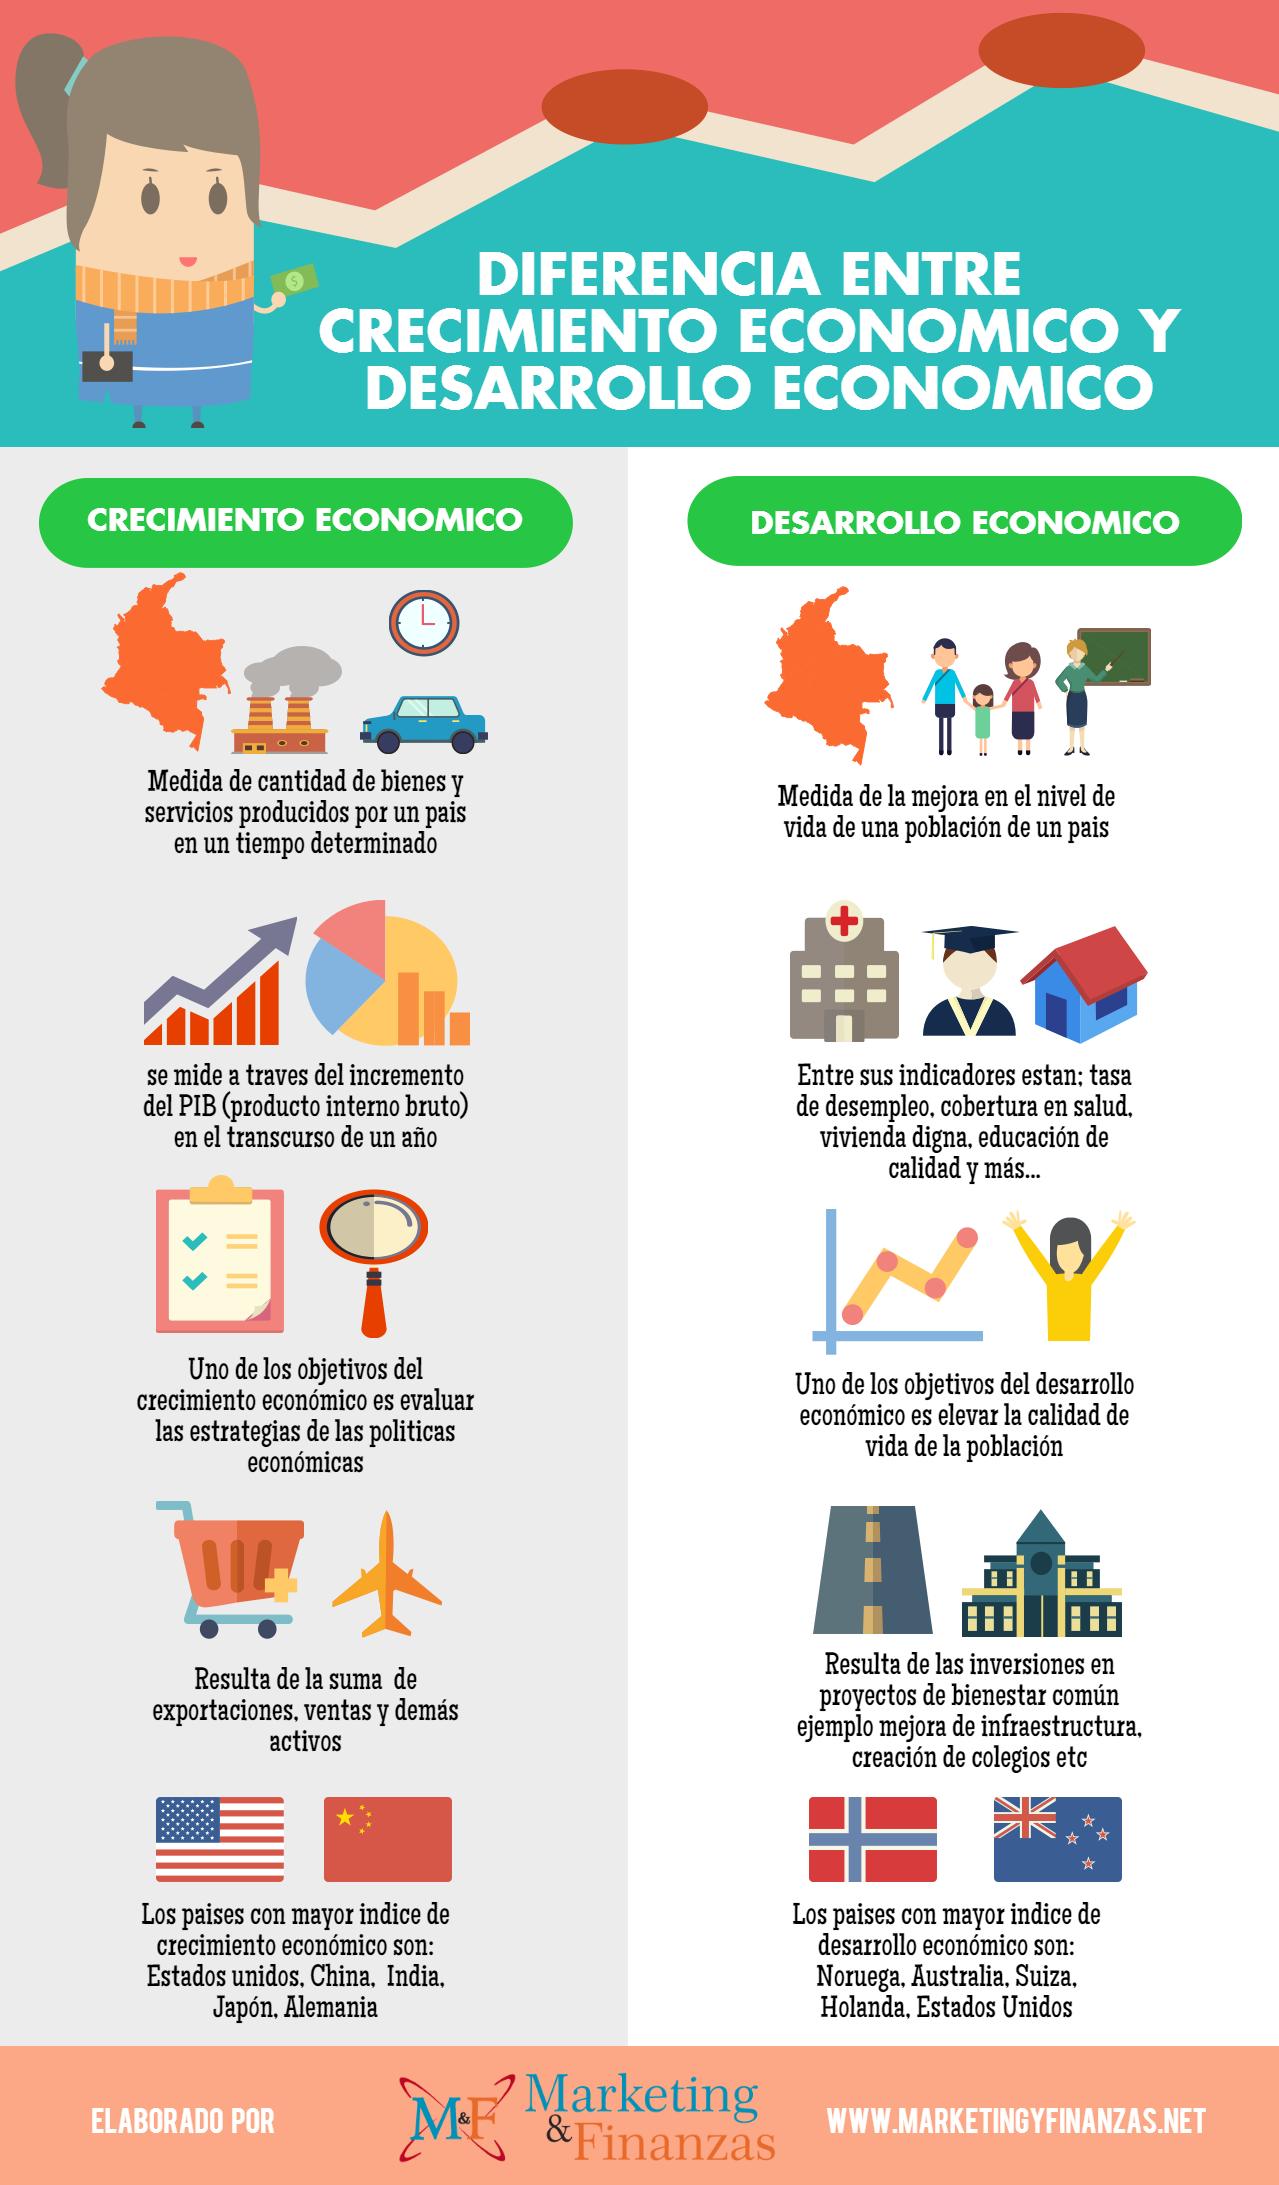 DIferencia entre crecimiento económico y desarrollo económico.